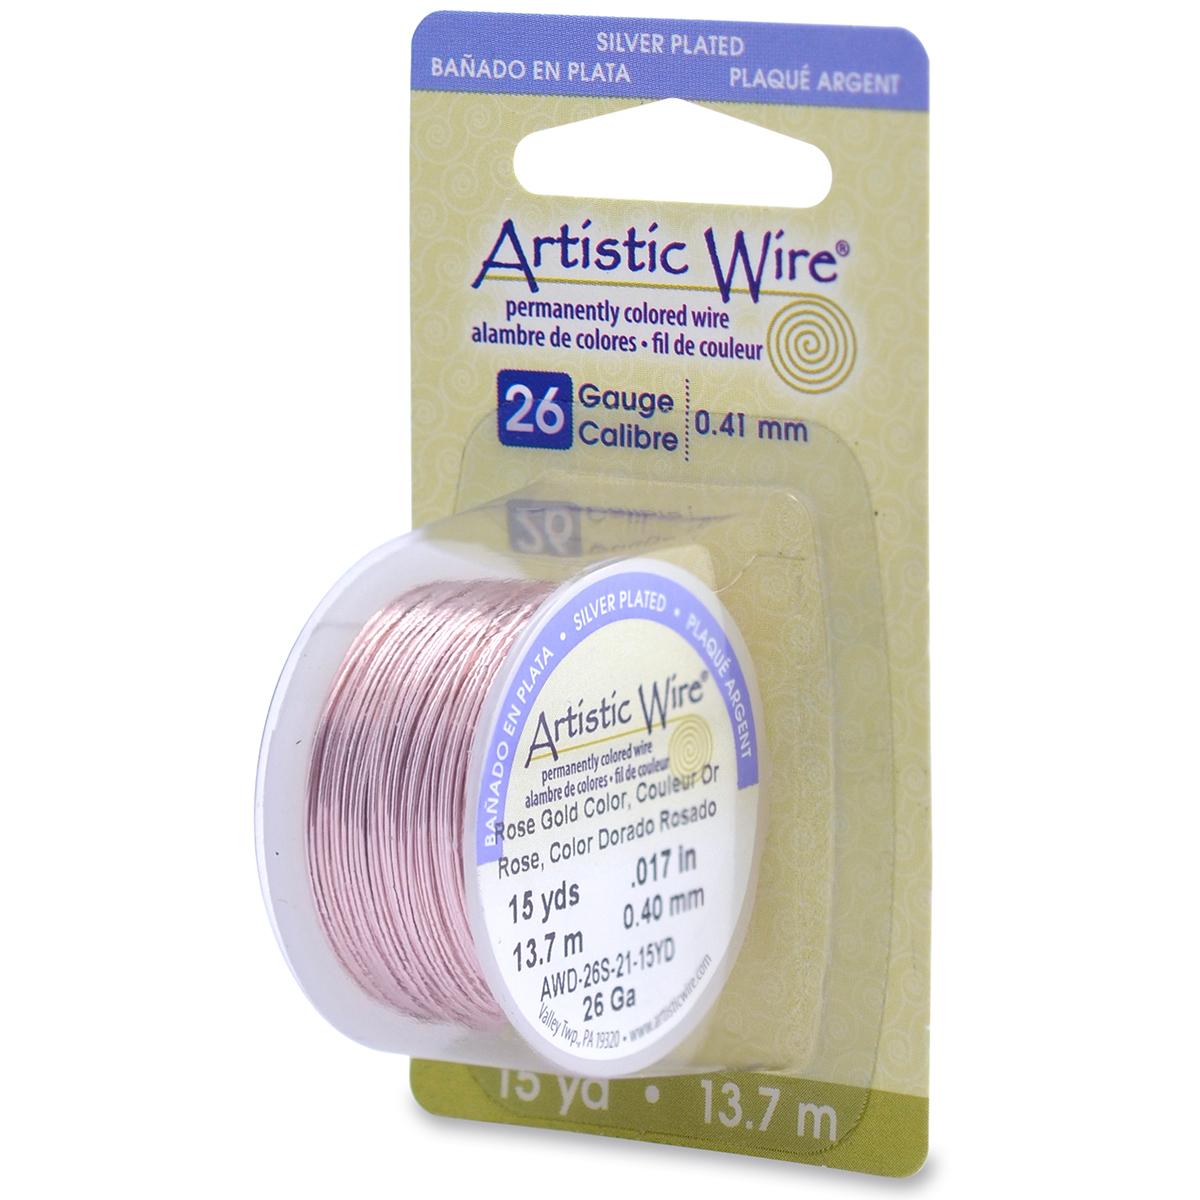 Artistic Wire 26 Gauge 15yd